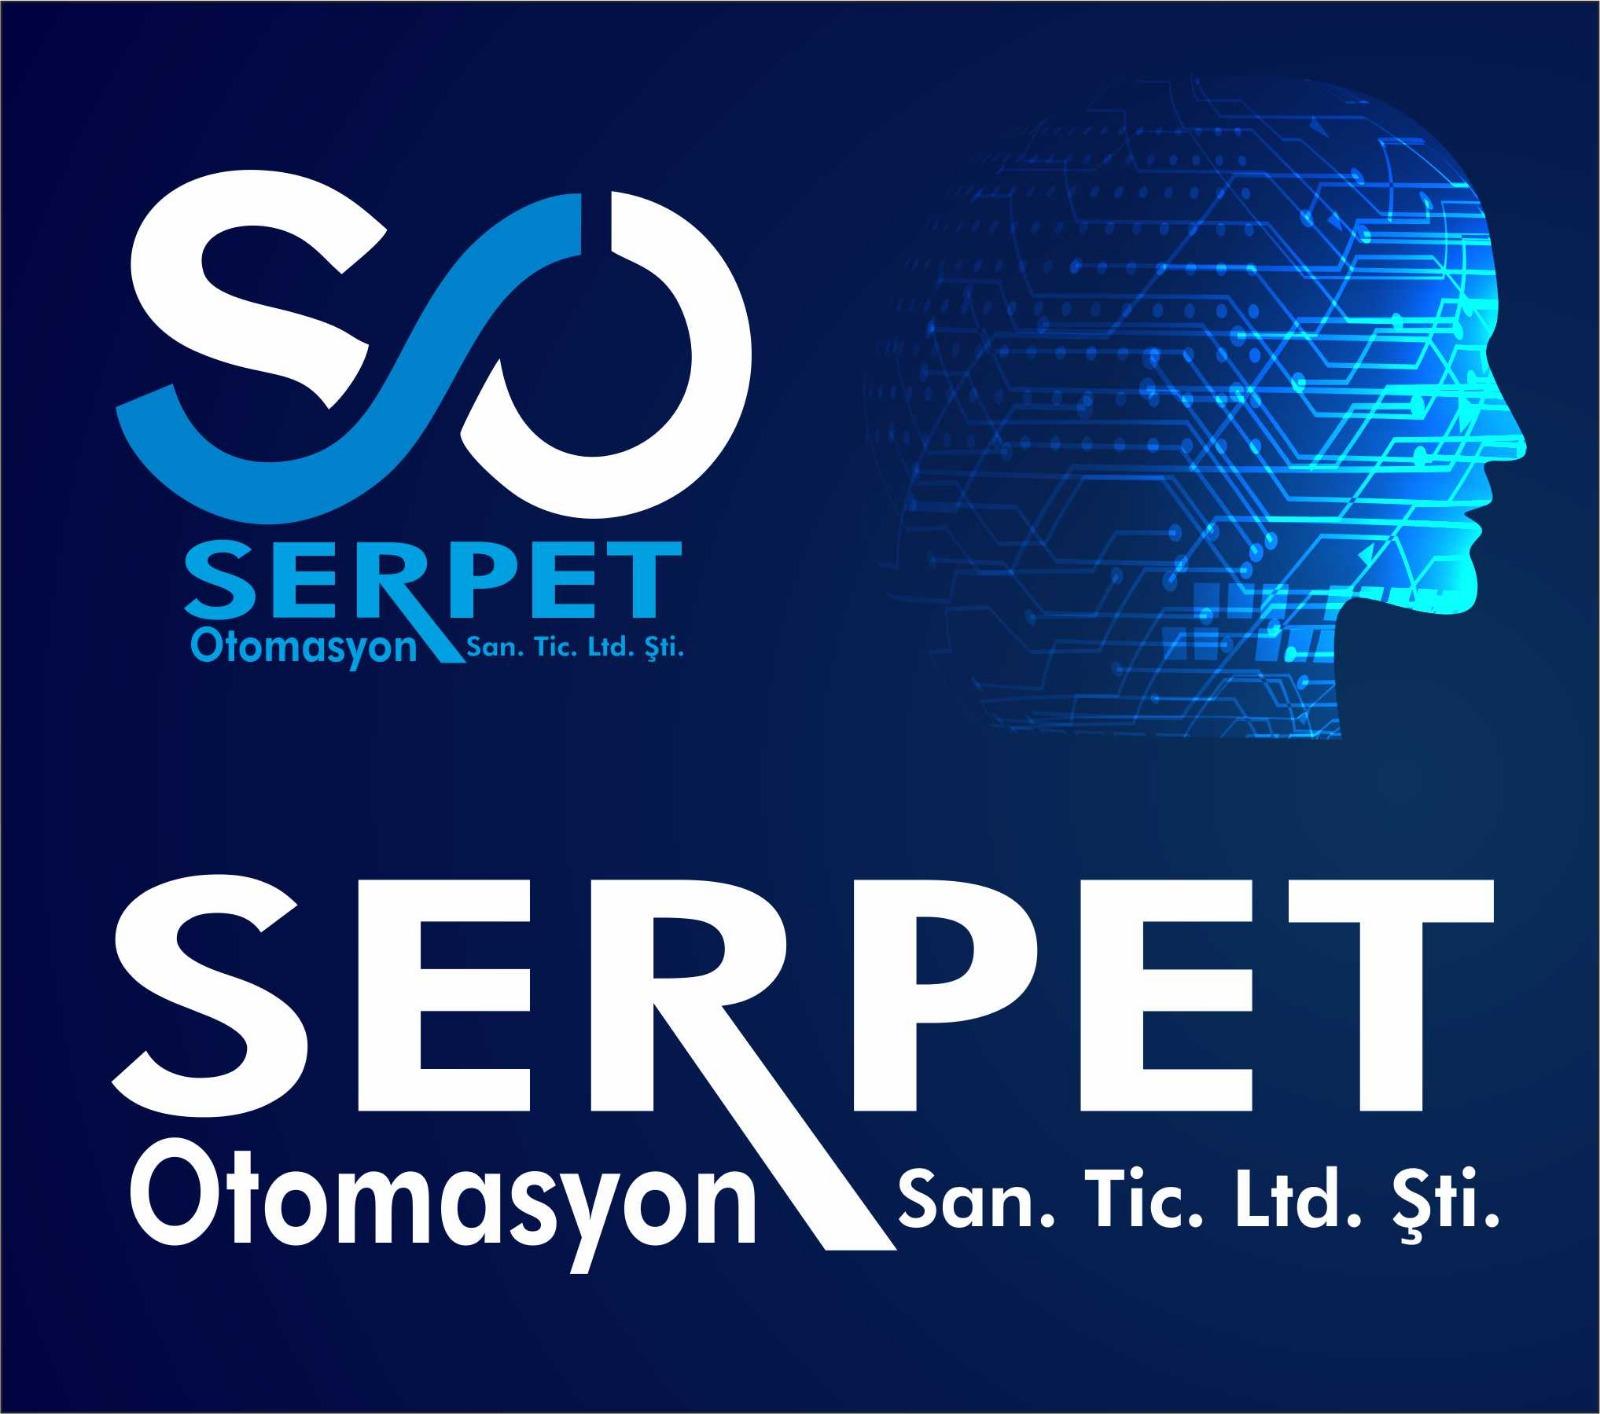 SERPET OTOMASYON SAN VE TİC LTD ŞTİ